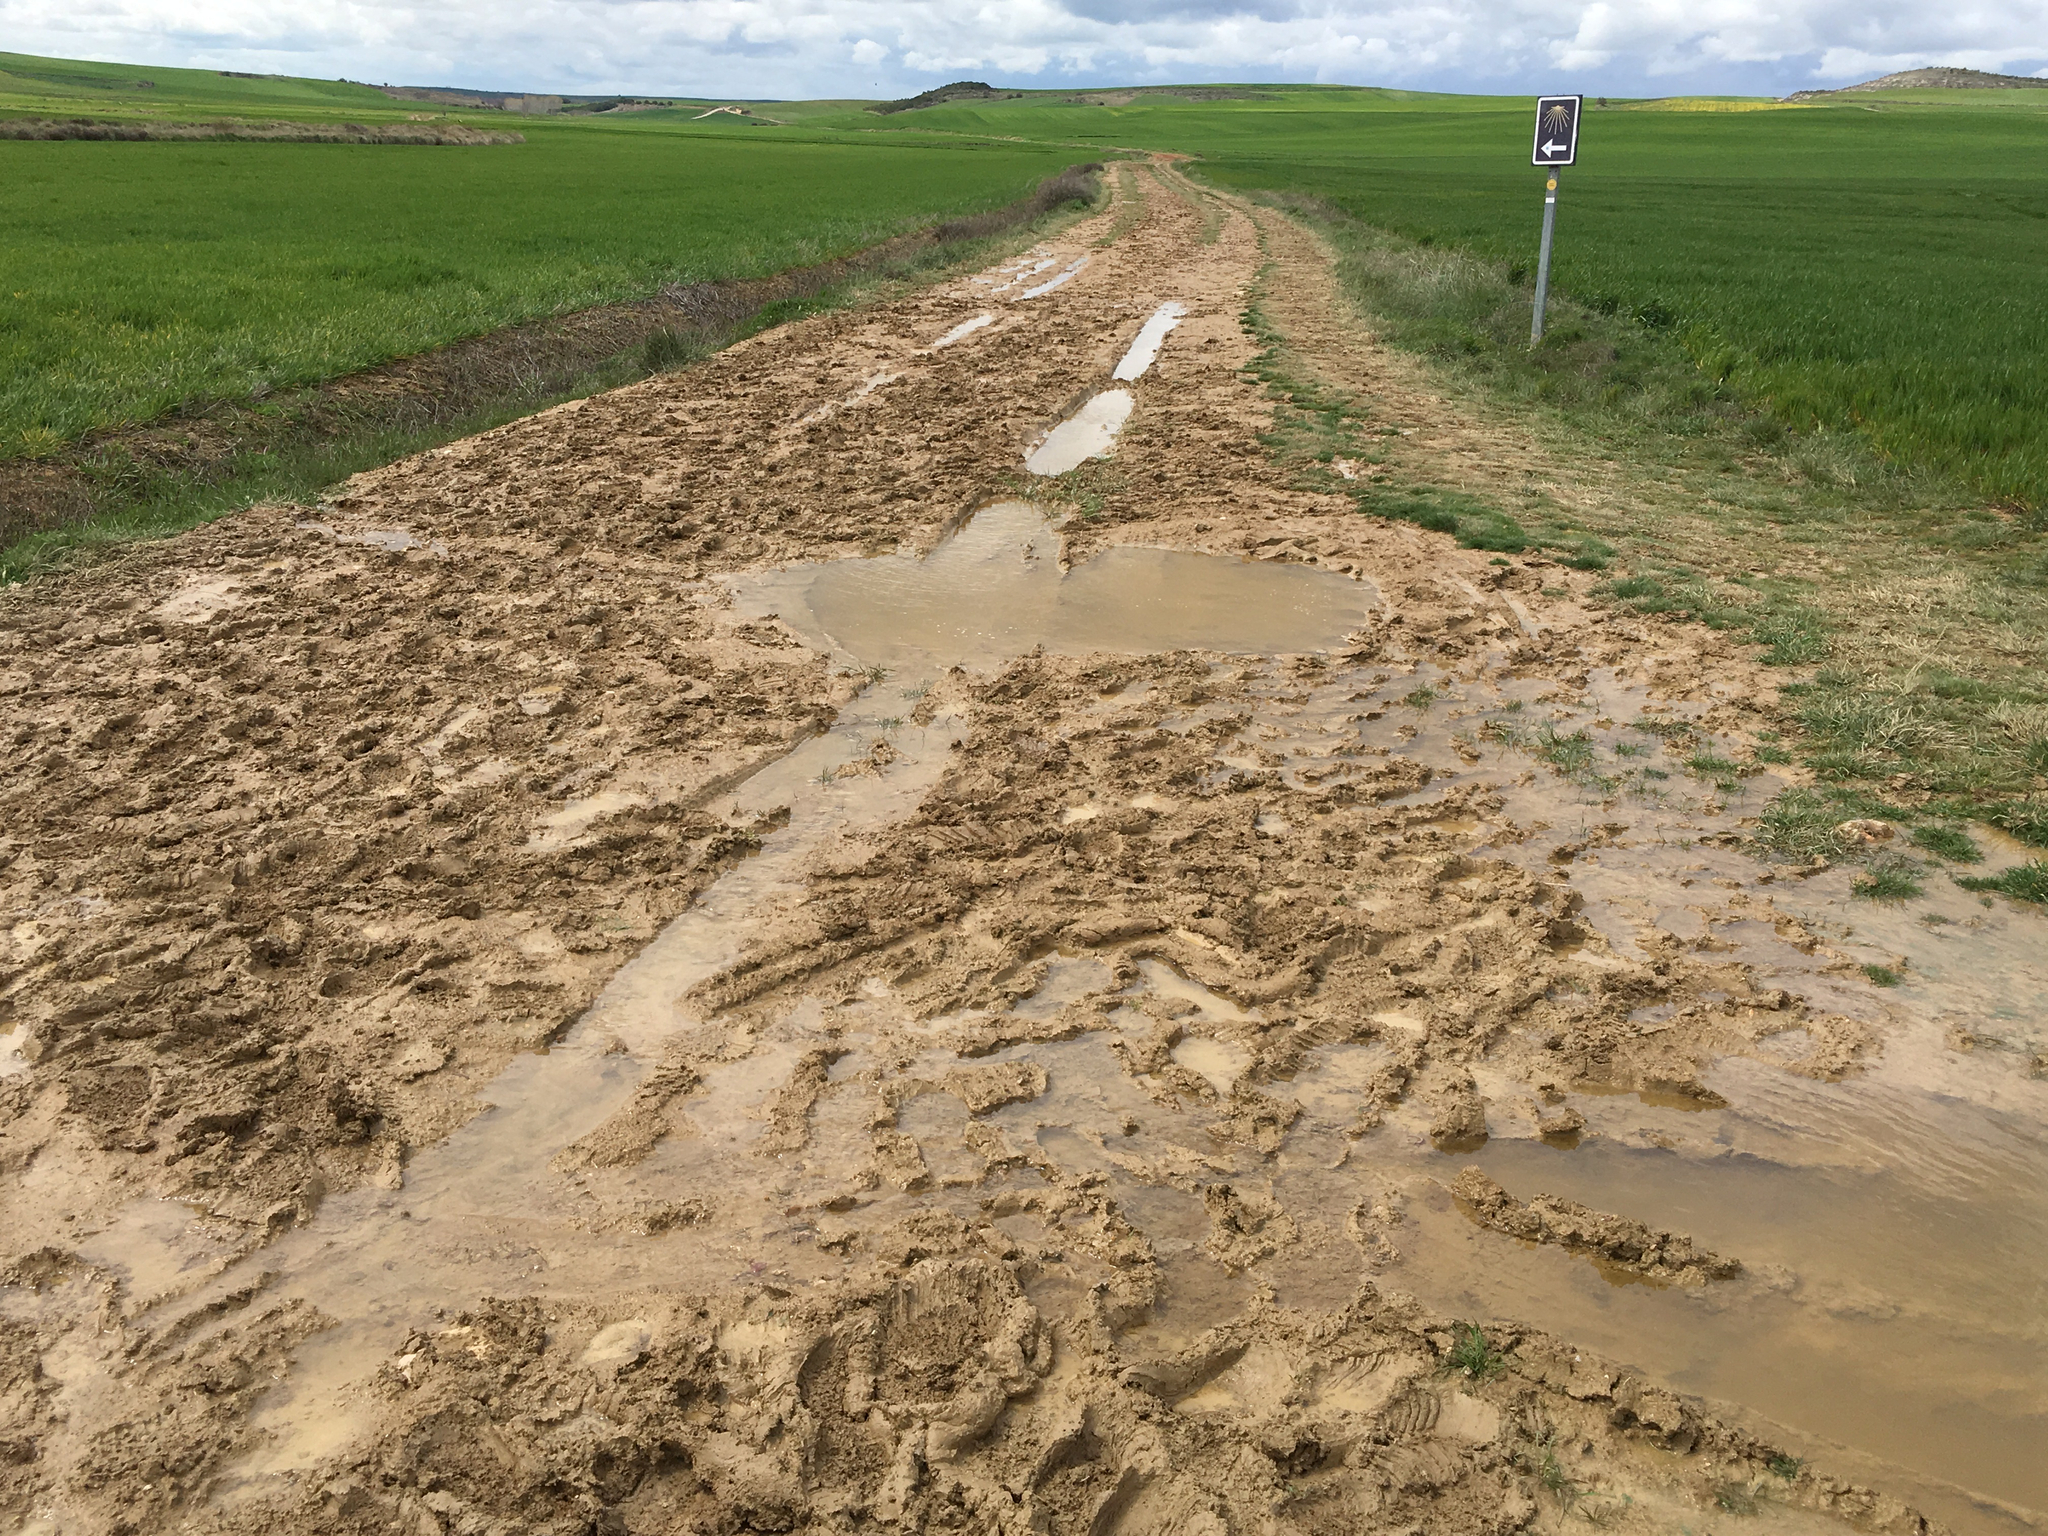 발목까지 빠지는 진흙탕 길, 돌아서 갈 길은 없다. 고난을 끝내는 방법은 단 하나다. 결국 지나가야할 길이니 그저 한 발을 떼는 것뿐이다.